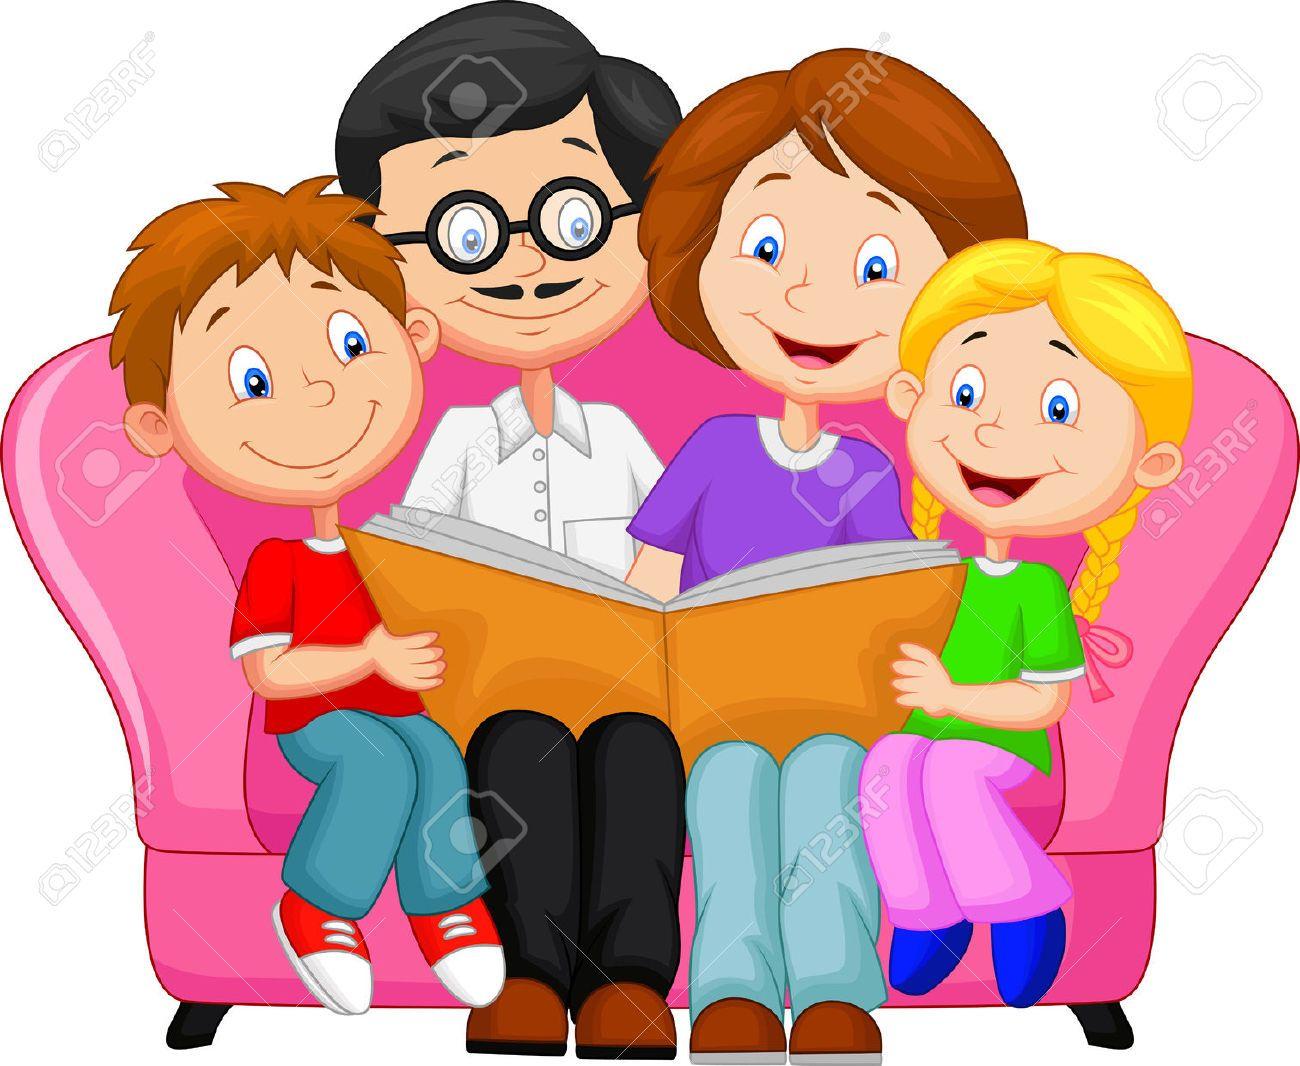 Resultado de imagen para imagenes de una familia animada